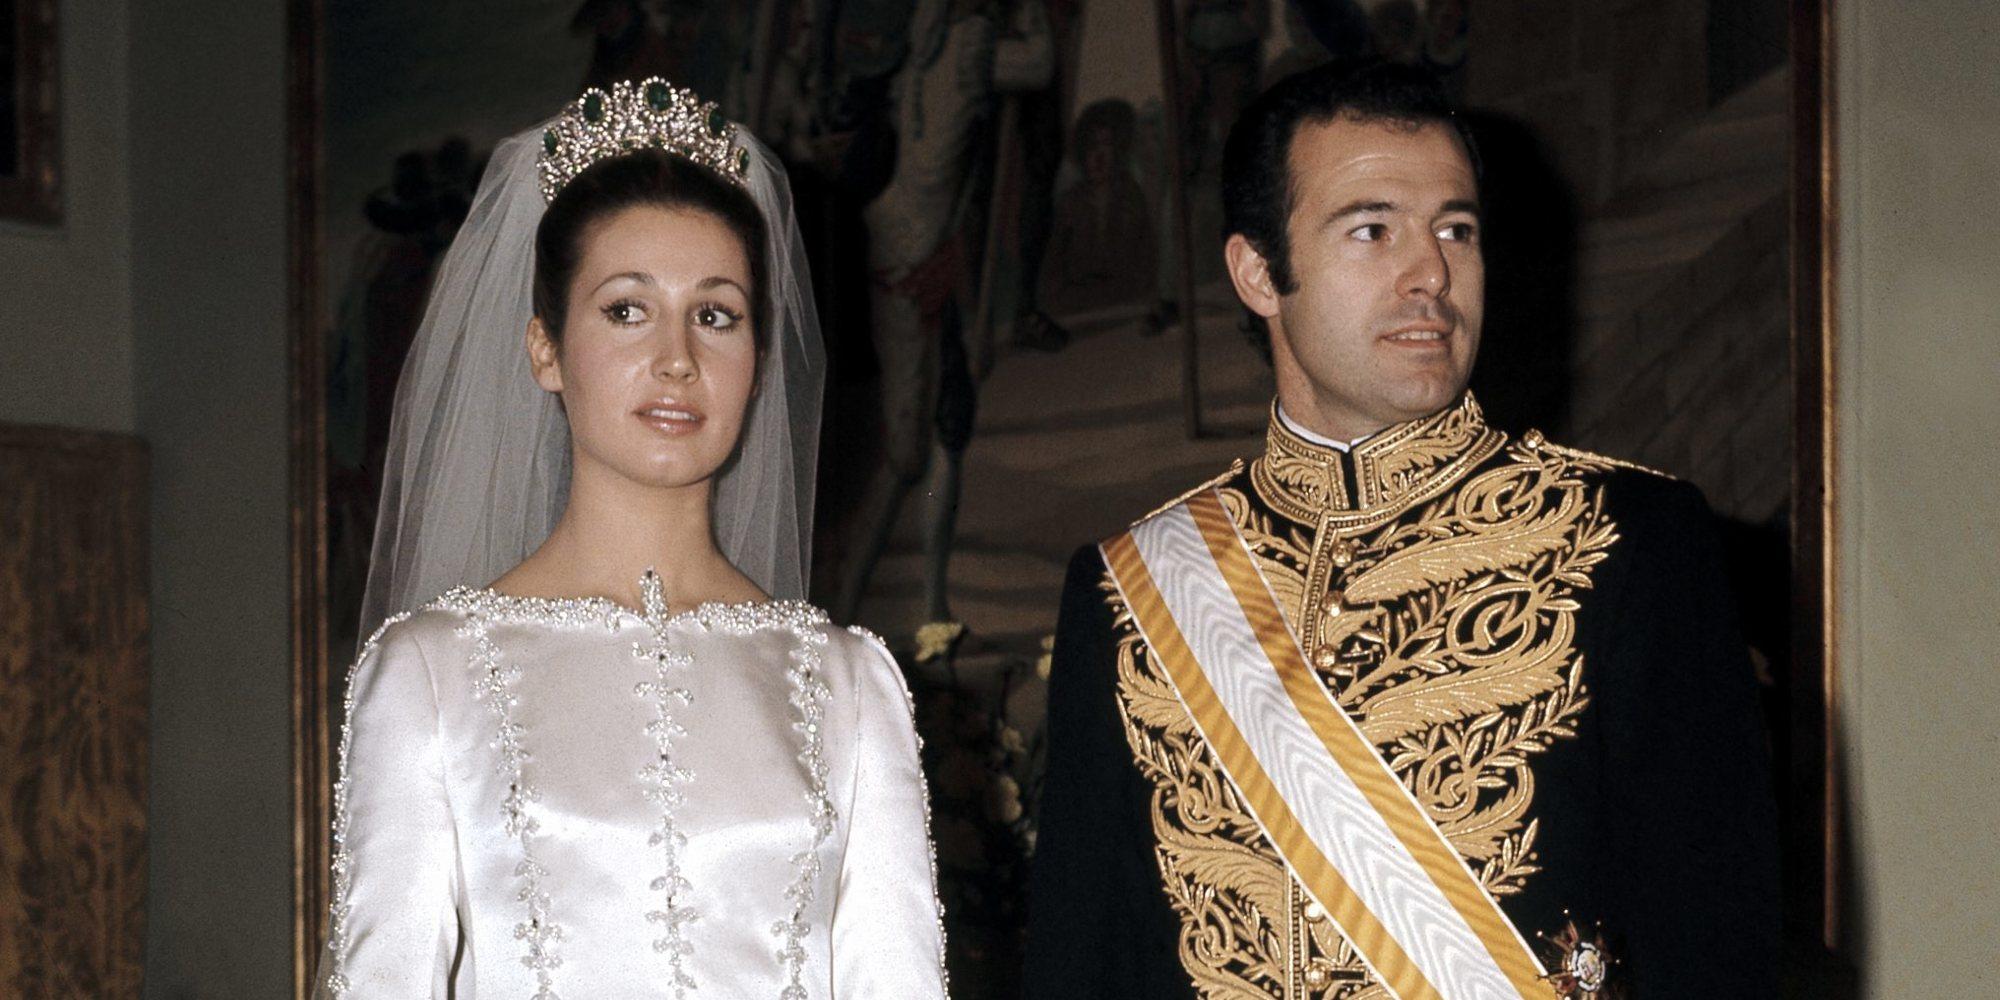 La boda que pudo hacer Reina de España a Carmen Martínez-Bordiú: así se planeó su unión con Alfonso de Borbón